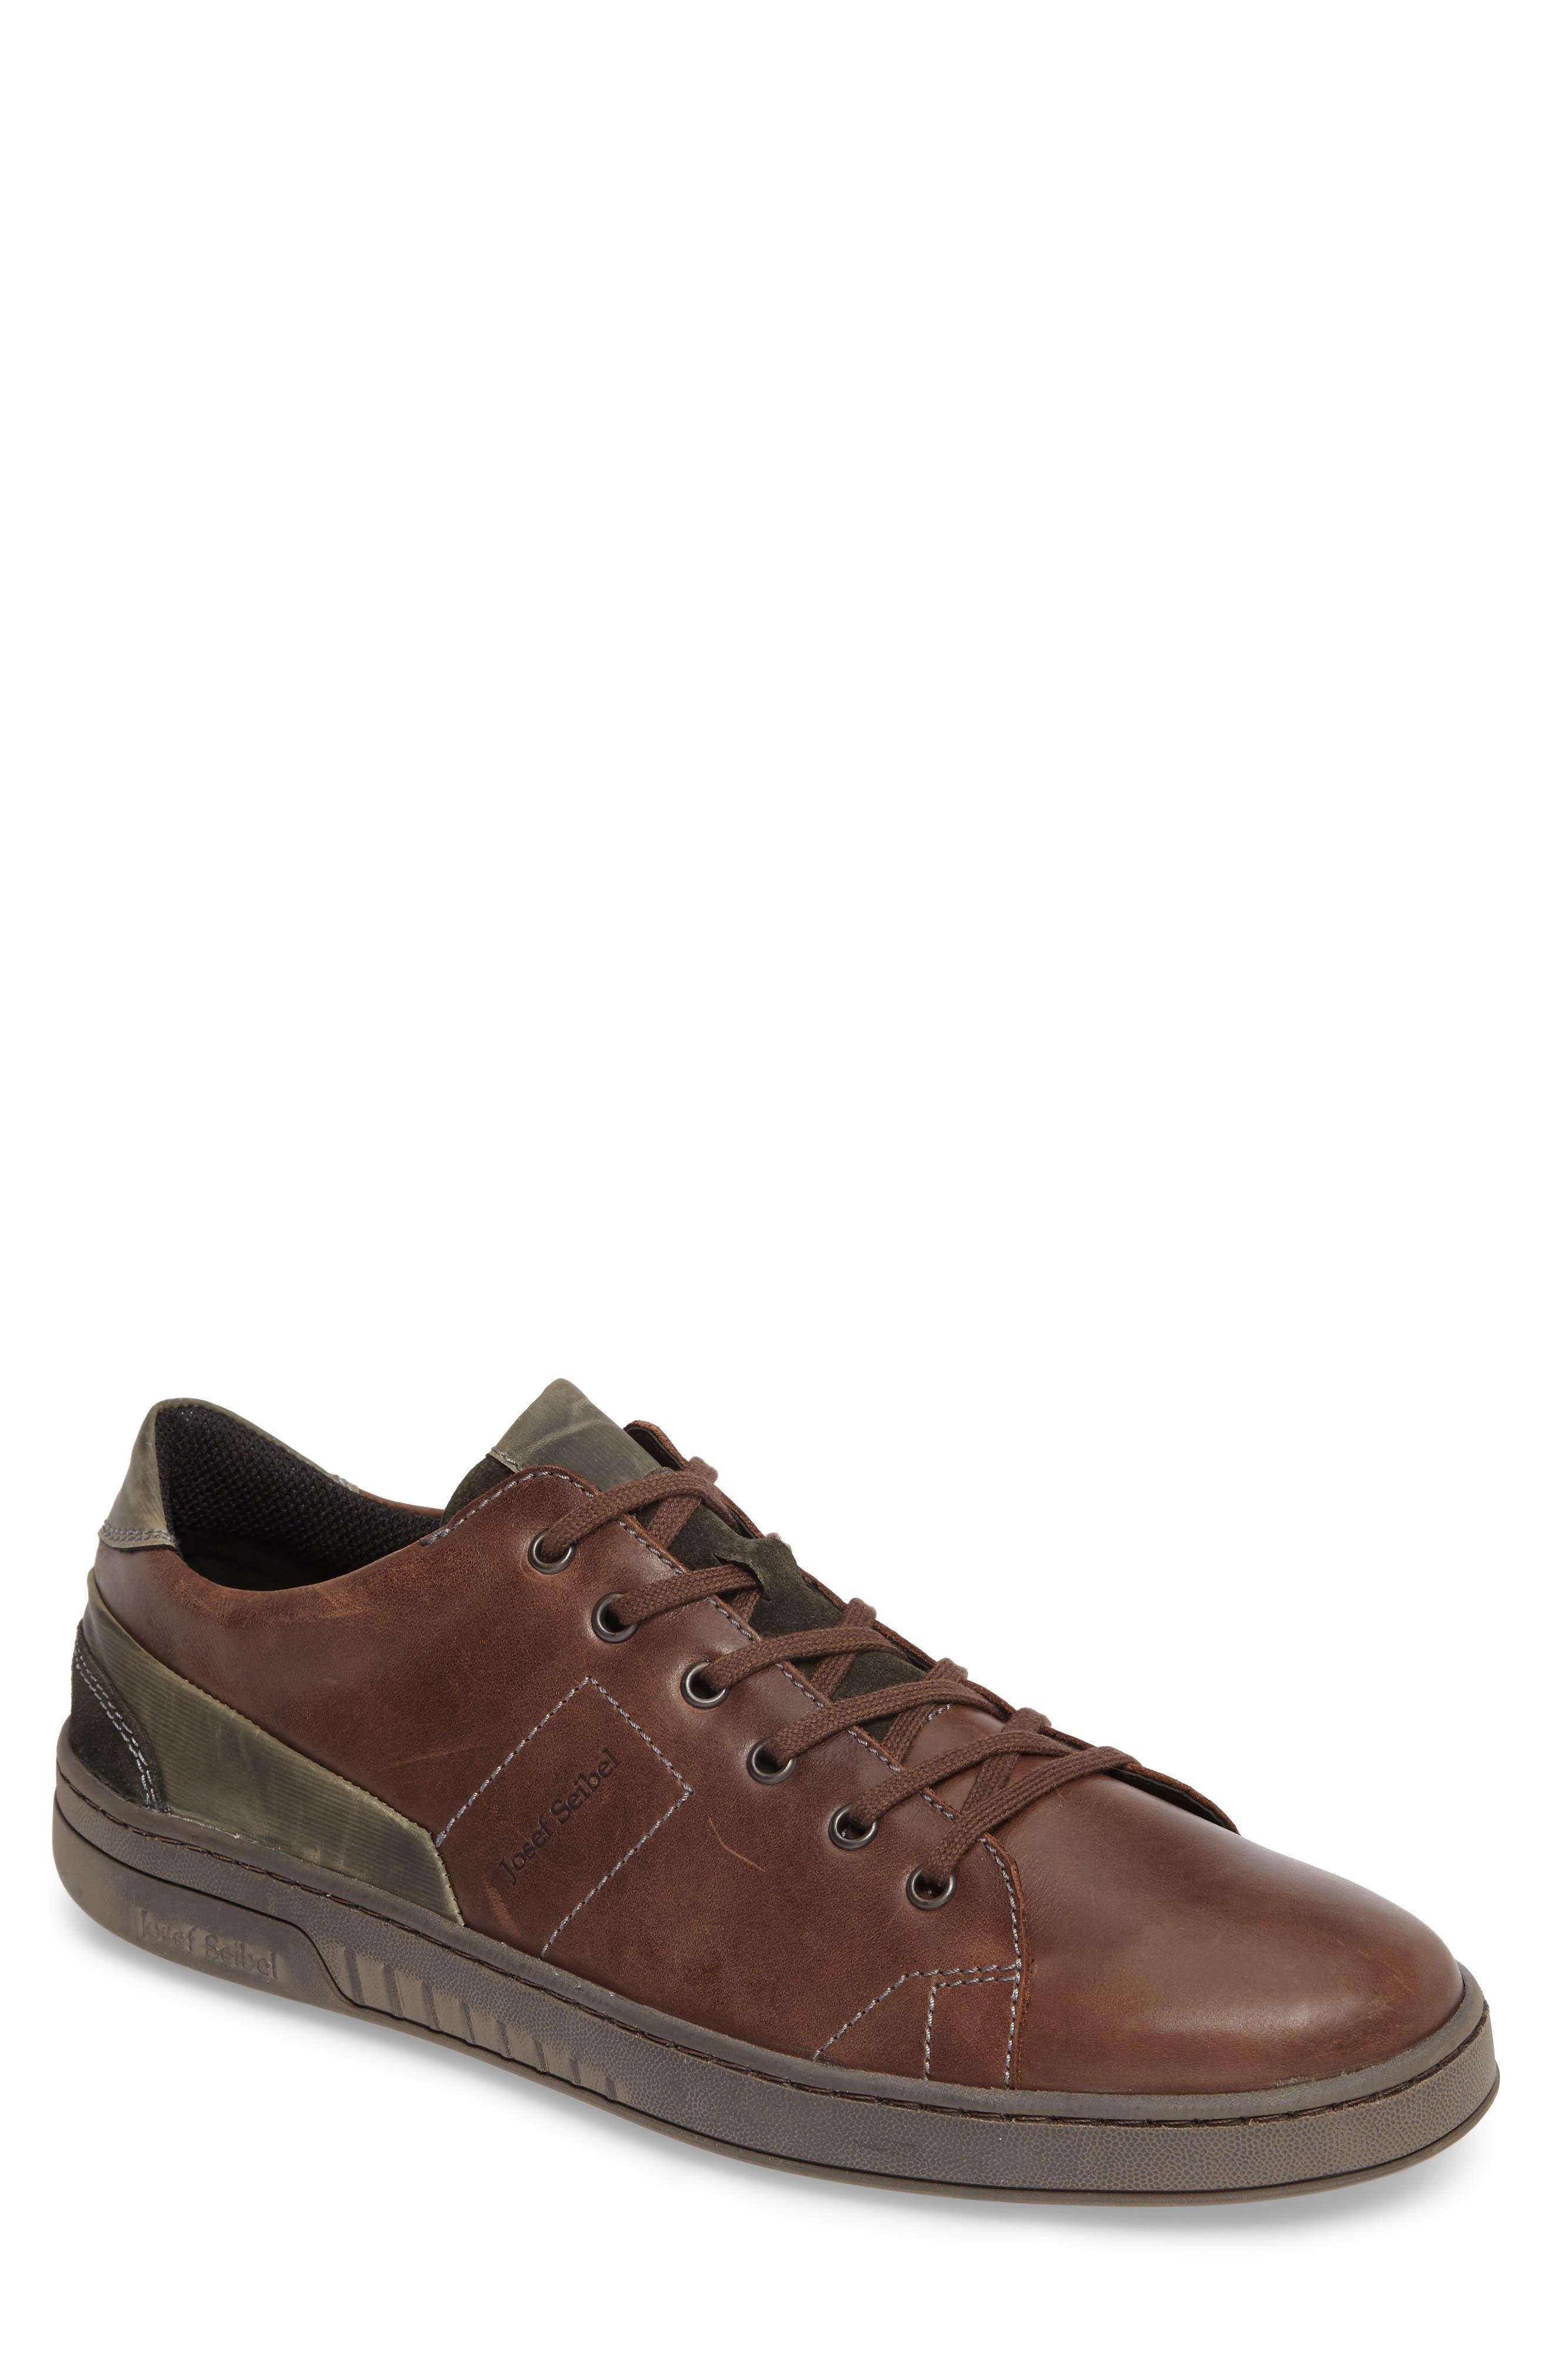 Alternate Image 1 Selected - Josef Seibel Dresda 23 Sneaker (Men)